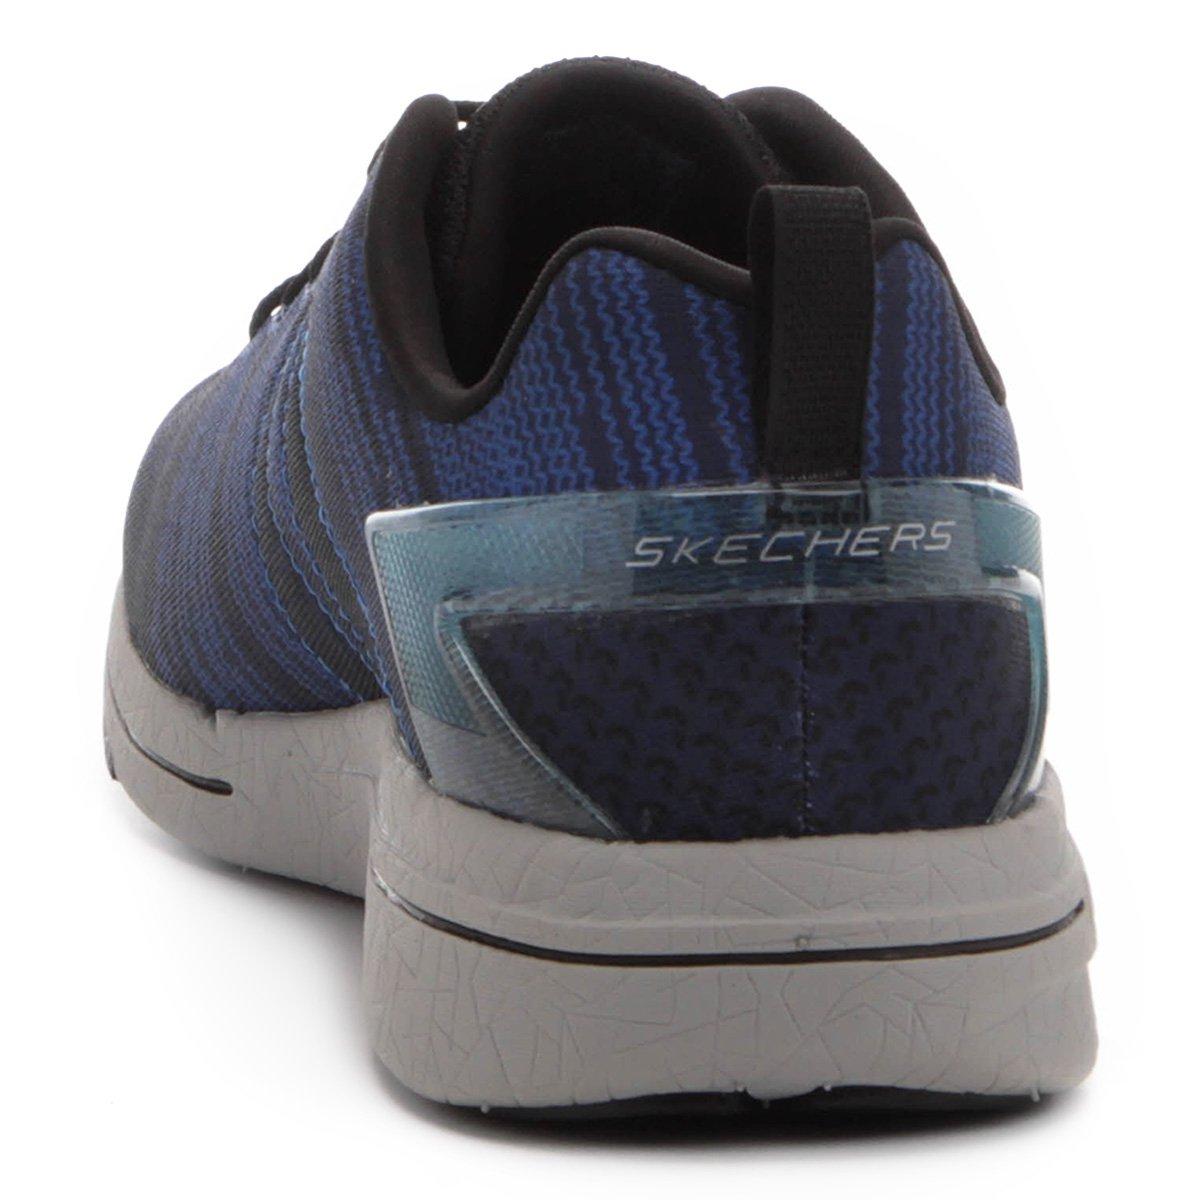 Tênis Skechers Burst 2.0 In The Mix II Masculino - Compre Agora ... 5dde065751ddb